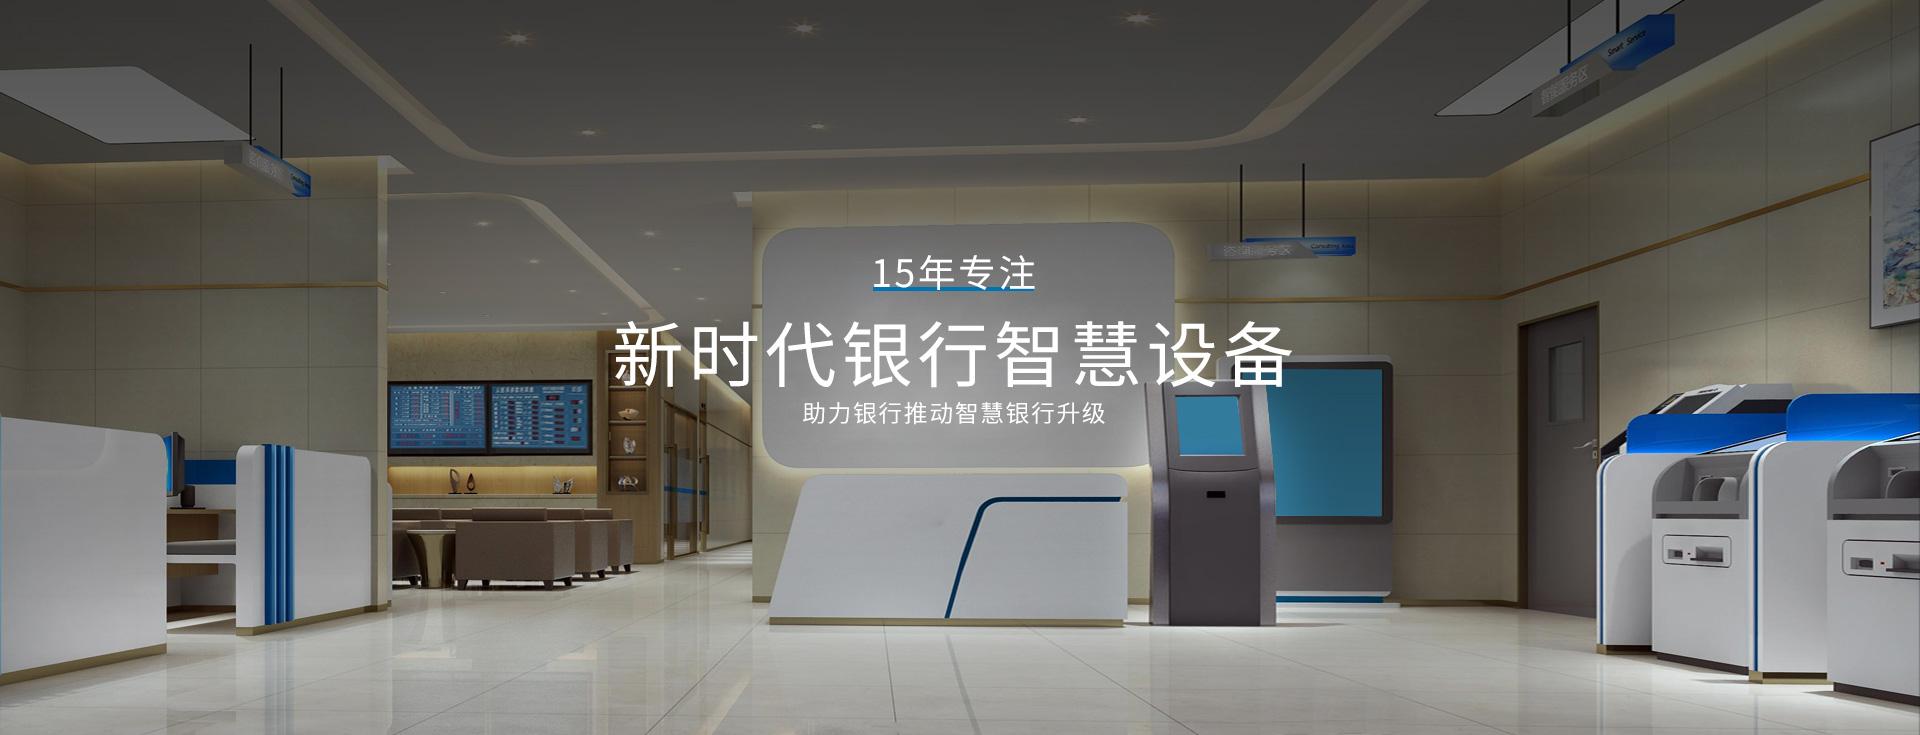 华融凯15年专注新时代银行智慧设备,助力银行推动智慧银行升级